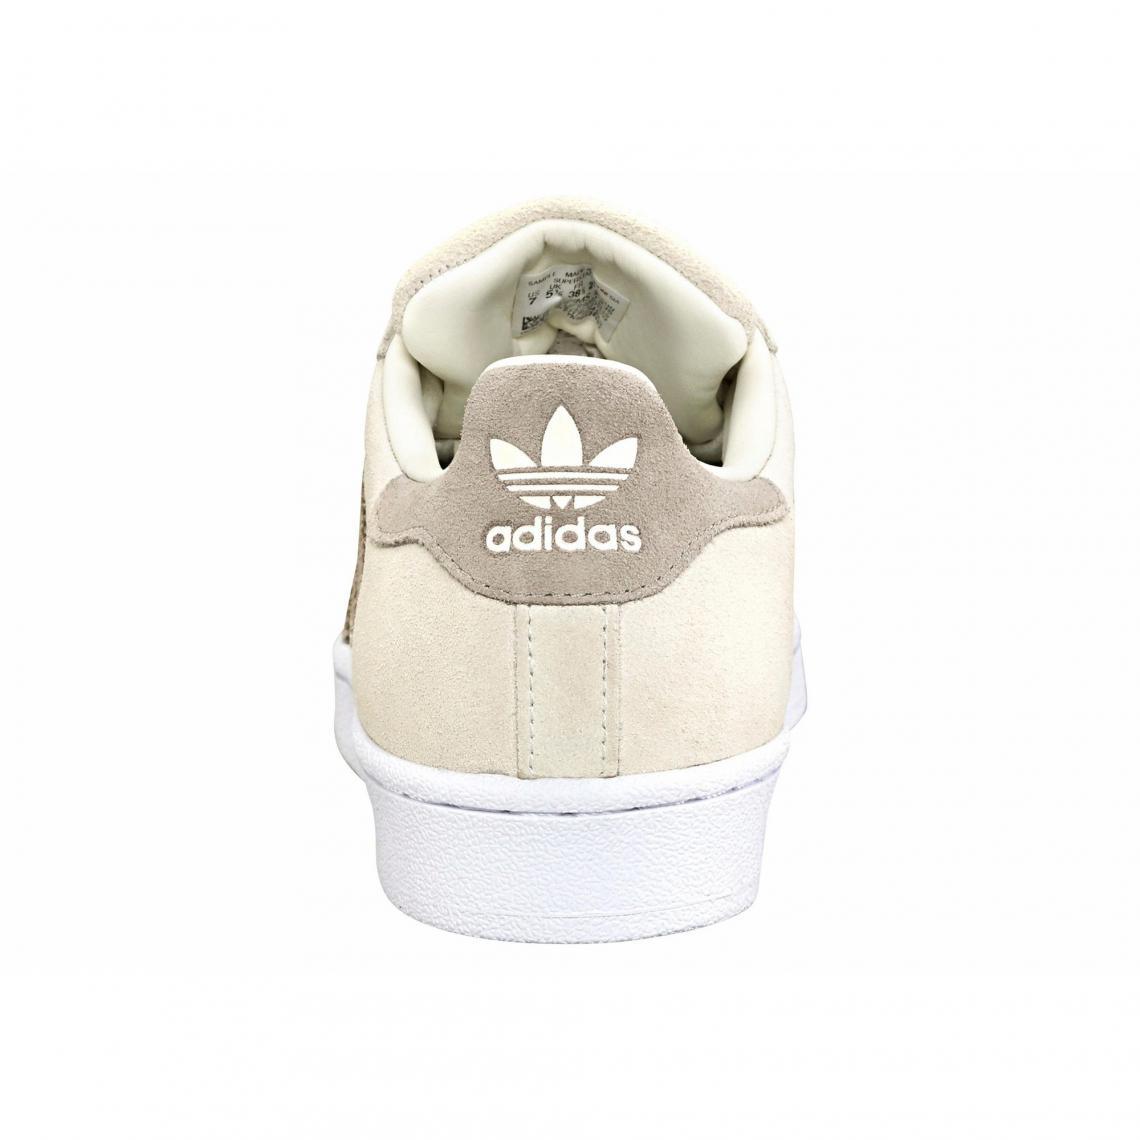 Sport Femme Superstar W Pour Adidas De Sneaker Chaussures Originals 1cKlFJ